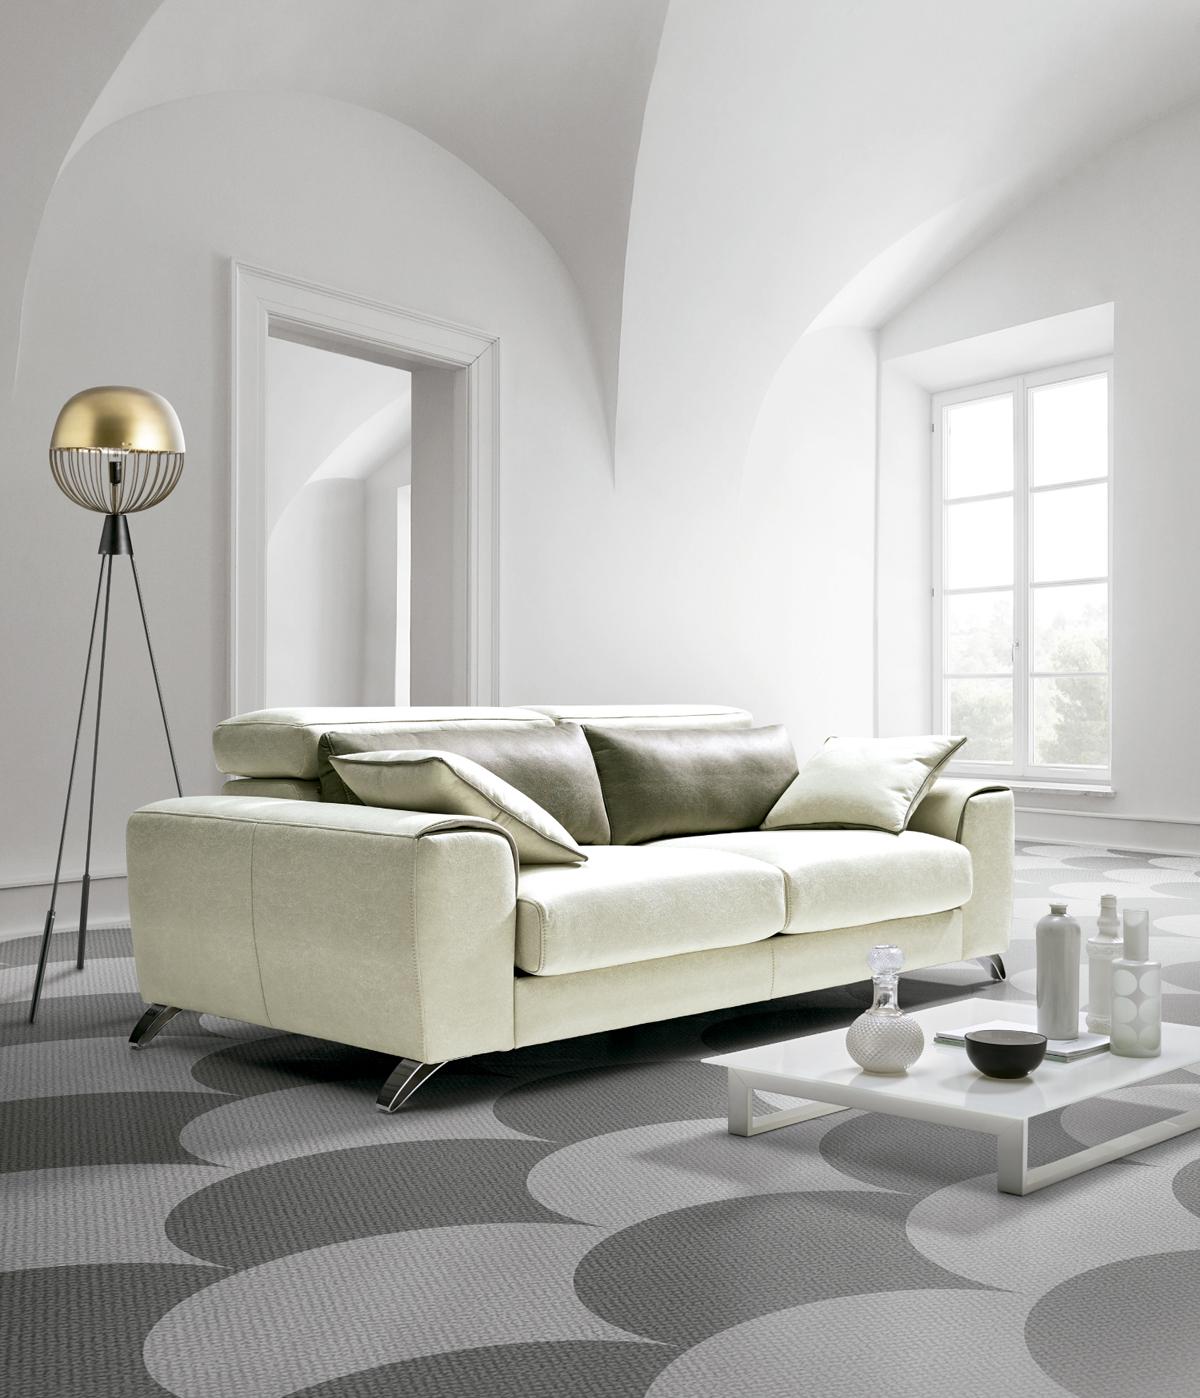 Sofa de dos plazas modelo detroy deslizable 1 76 m cocinas moduvalkit - Sofas de dos plazas ...